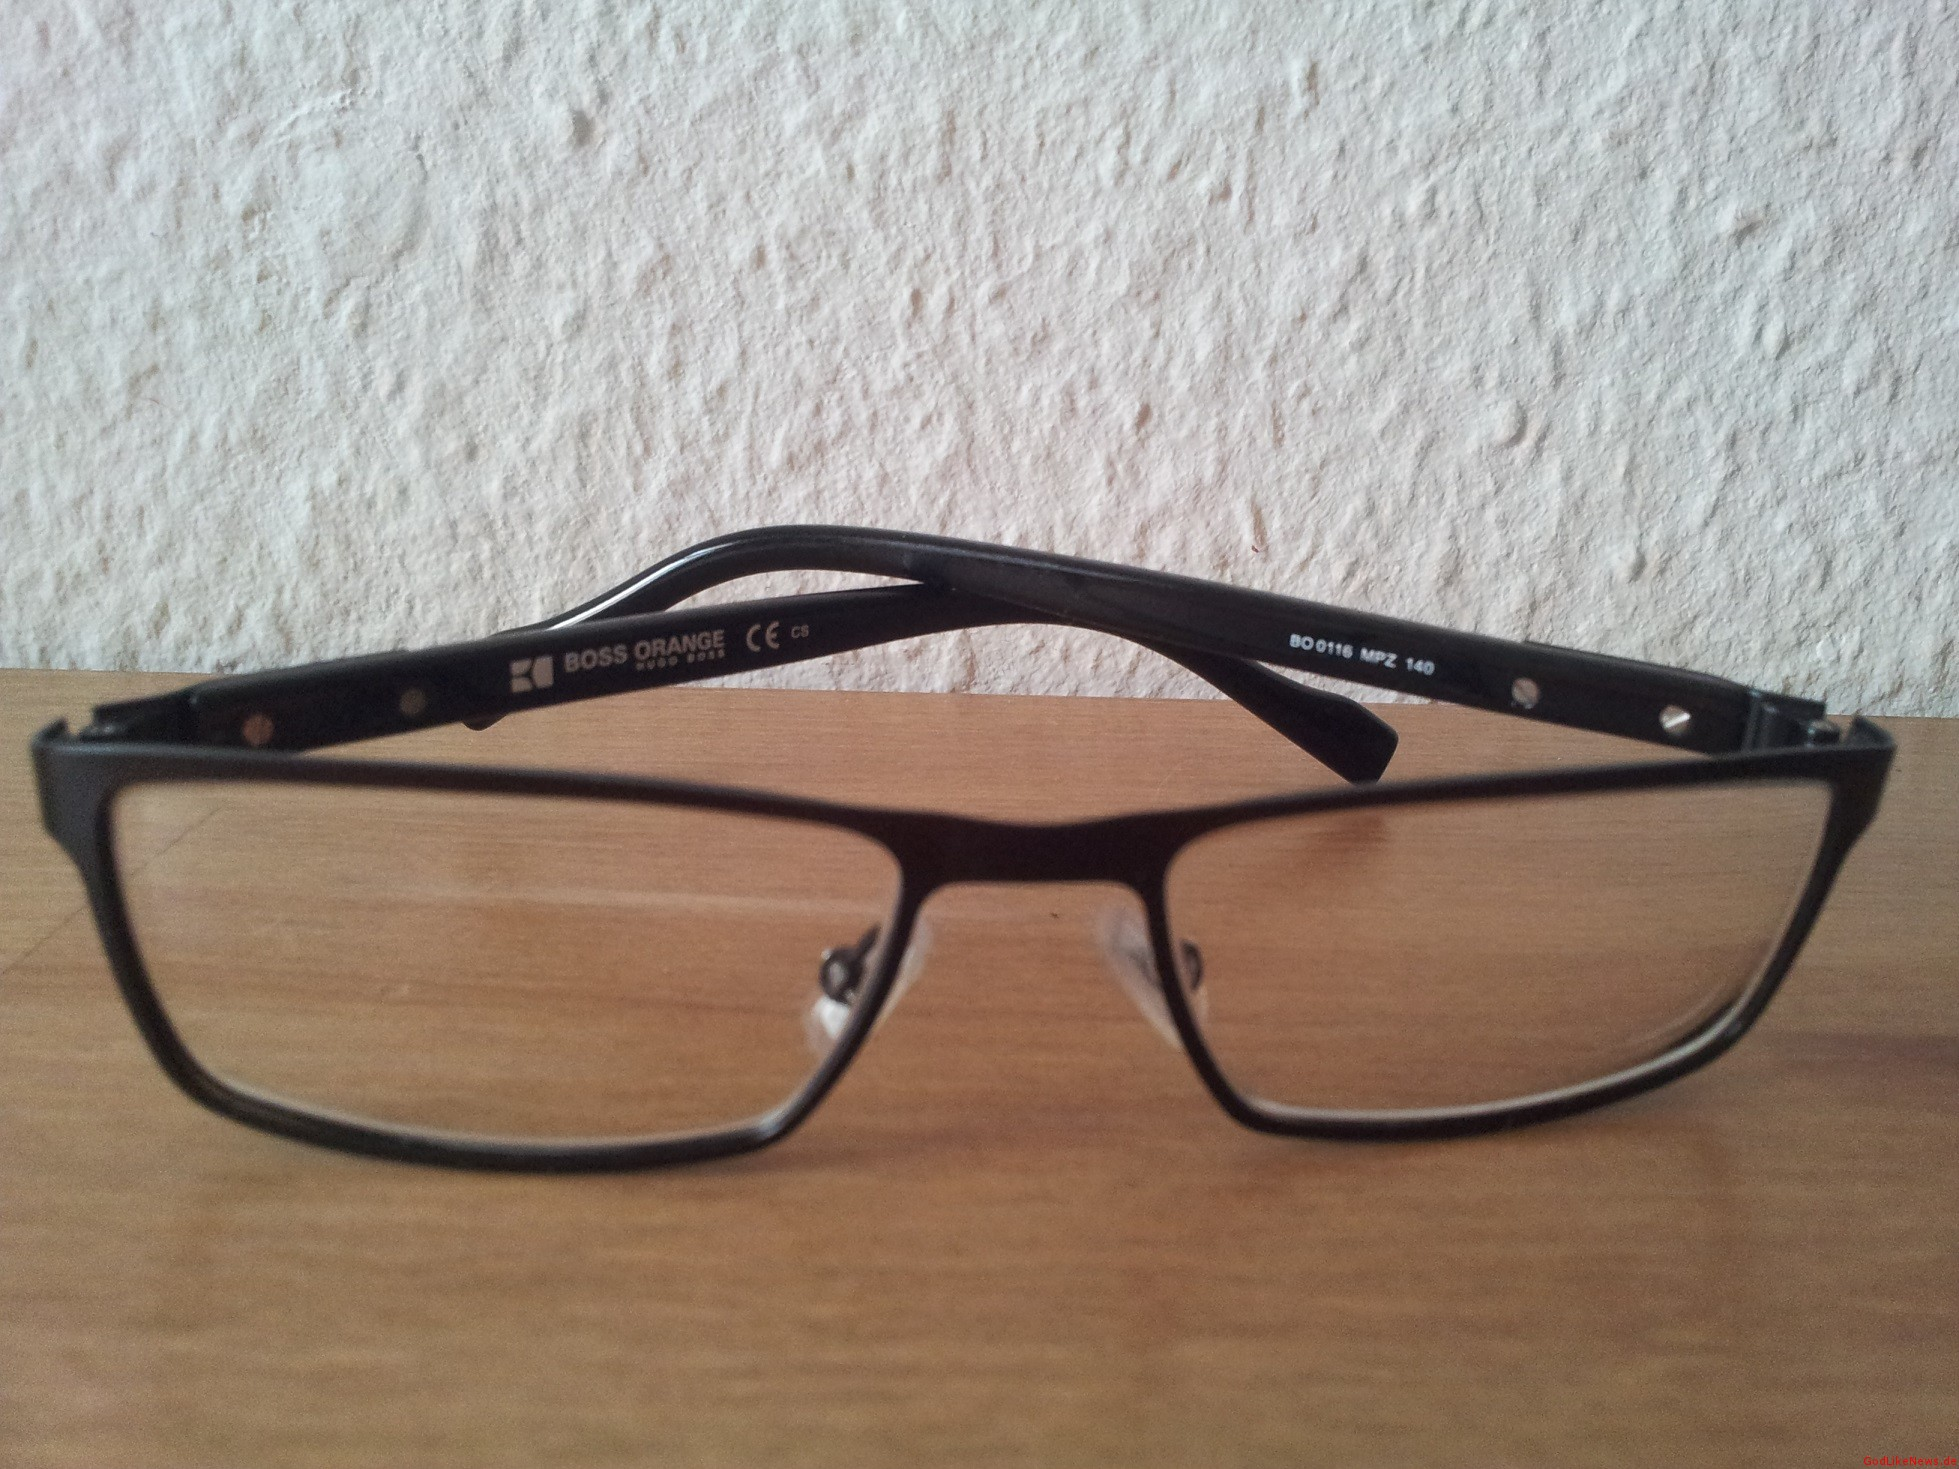 Brille Kaufen Bei Fielmann | SEMA Data Co-op